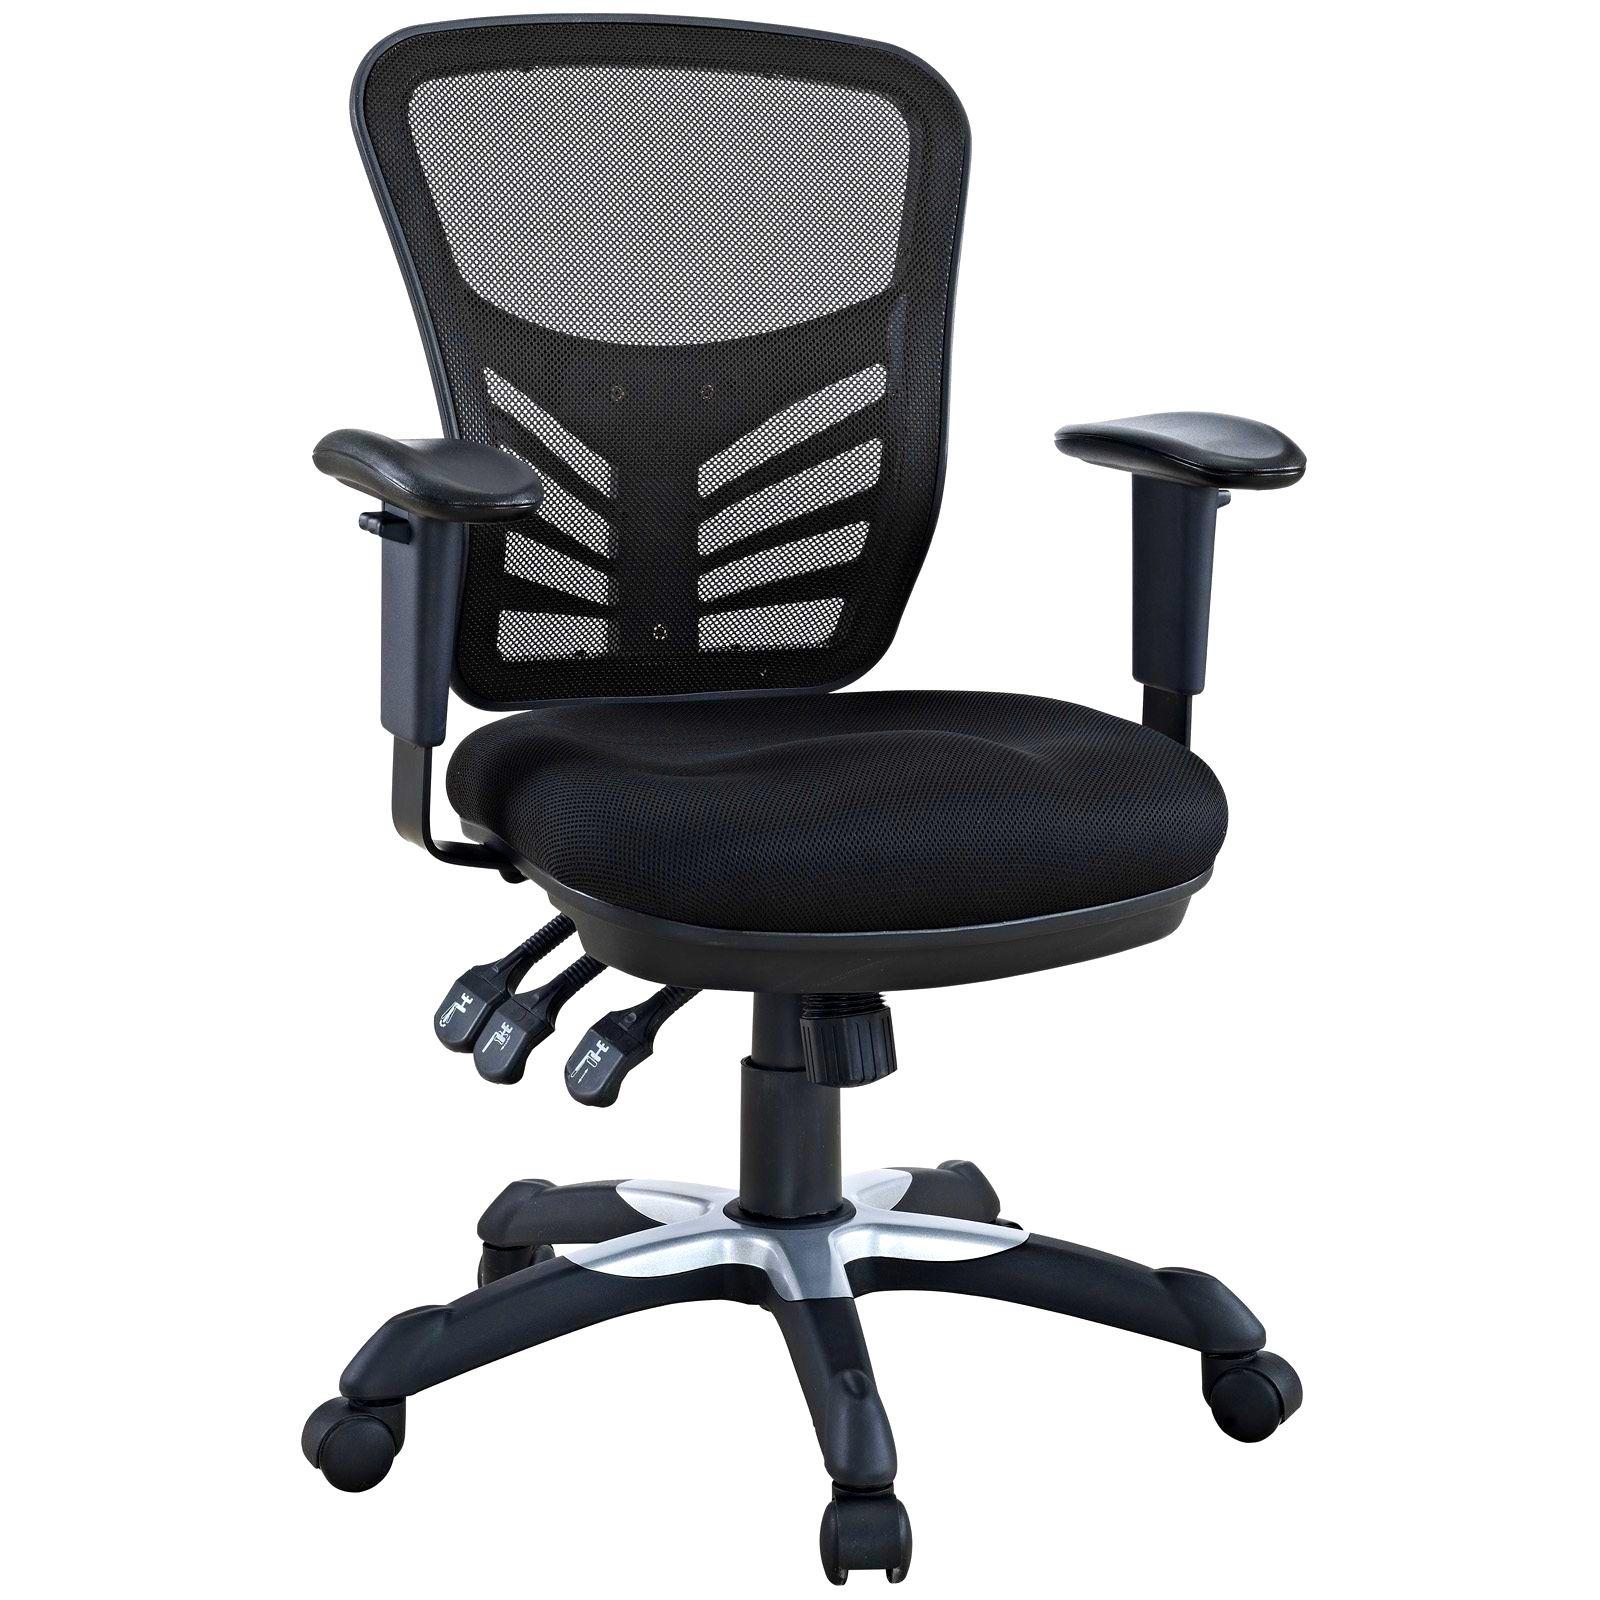 Büro Stühle online shopping | BüroMöbel | Pinterest | Büromöbel ...